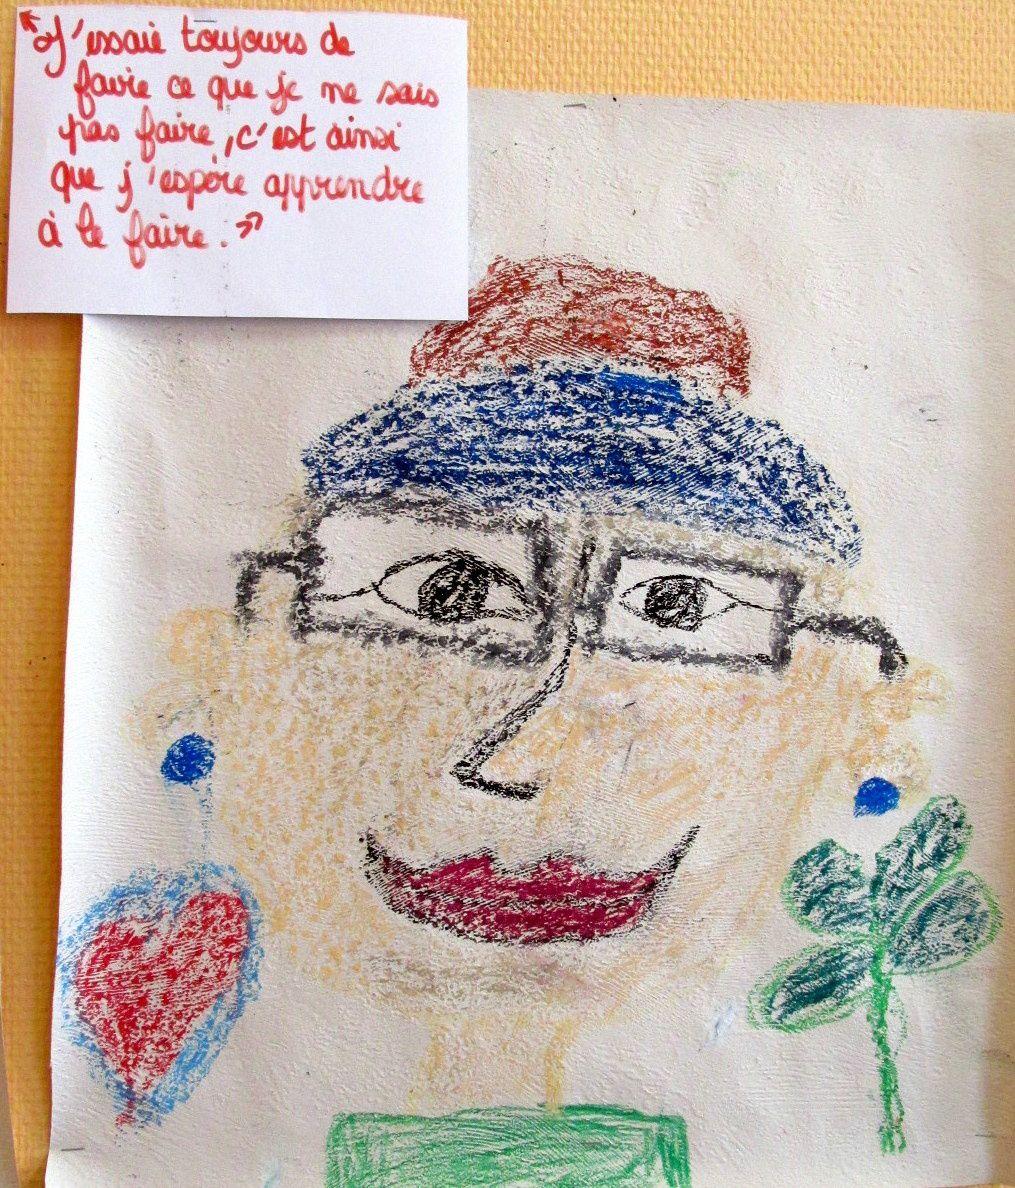 ~ Une citation, un gribouillis ~ 1. Où Picasso inspira sa personne auprès d'une autre 2. Où AnB cite et illustre un certain Pablo PICASSO